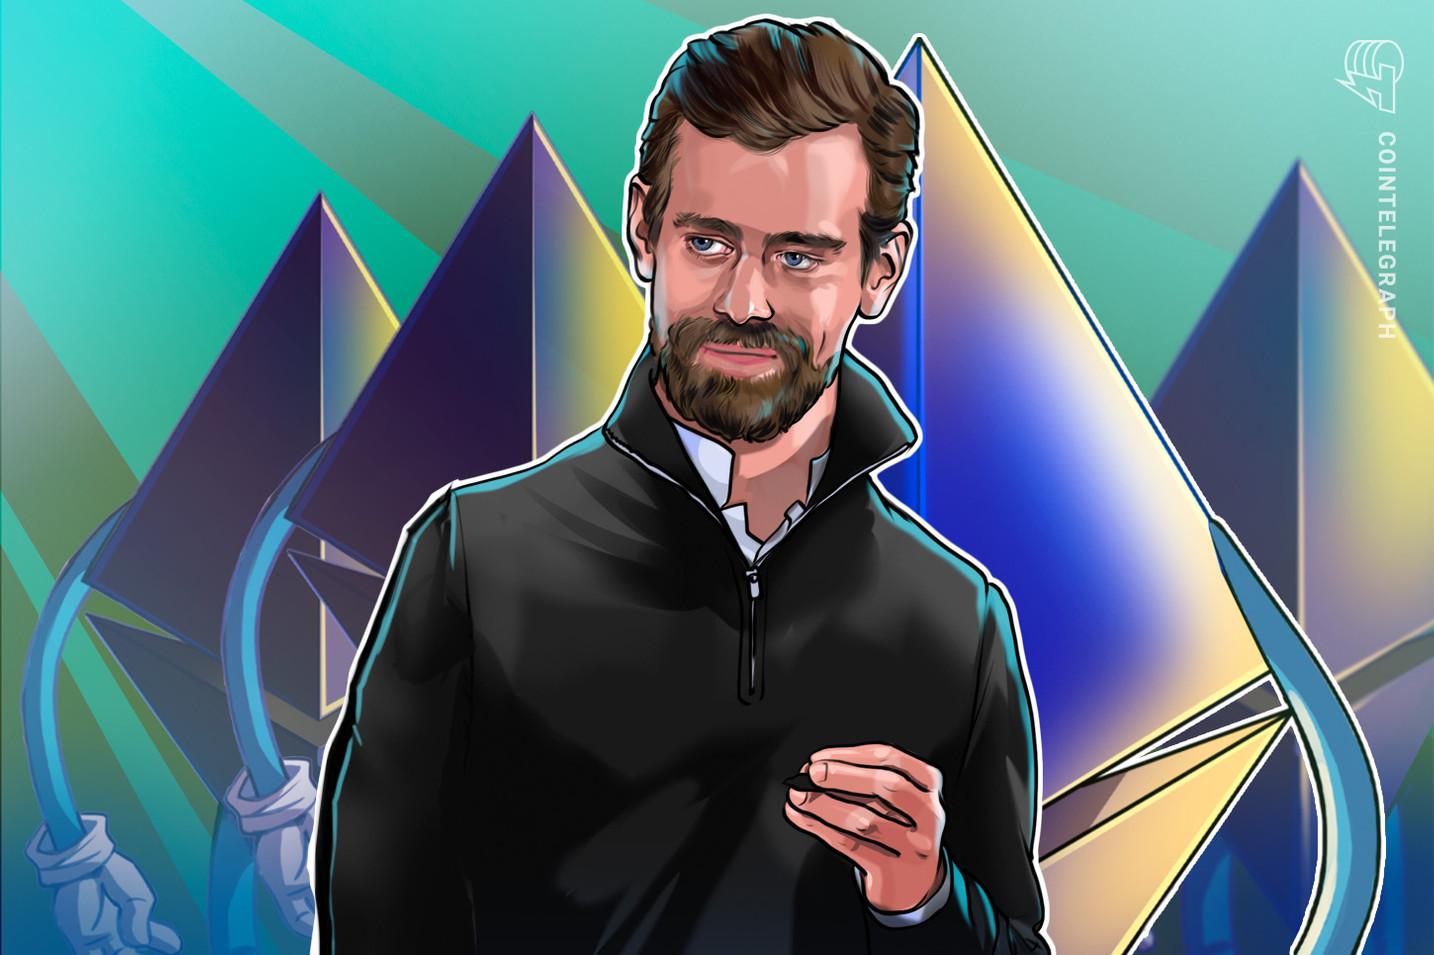 Ethereum sozinho não é suficiente para atrapalhar Big Tech: Jack Dorsey